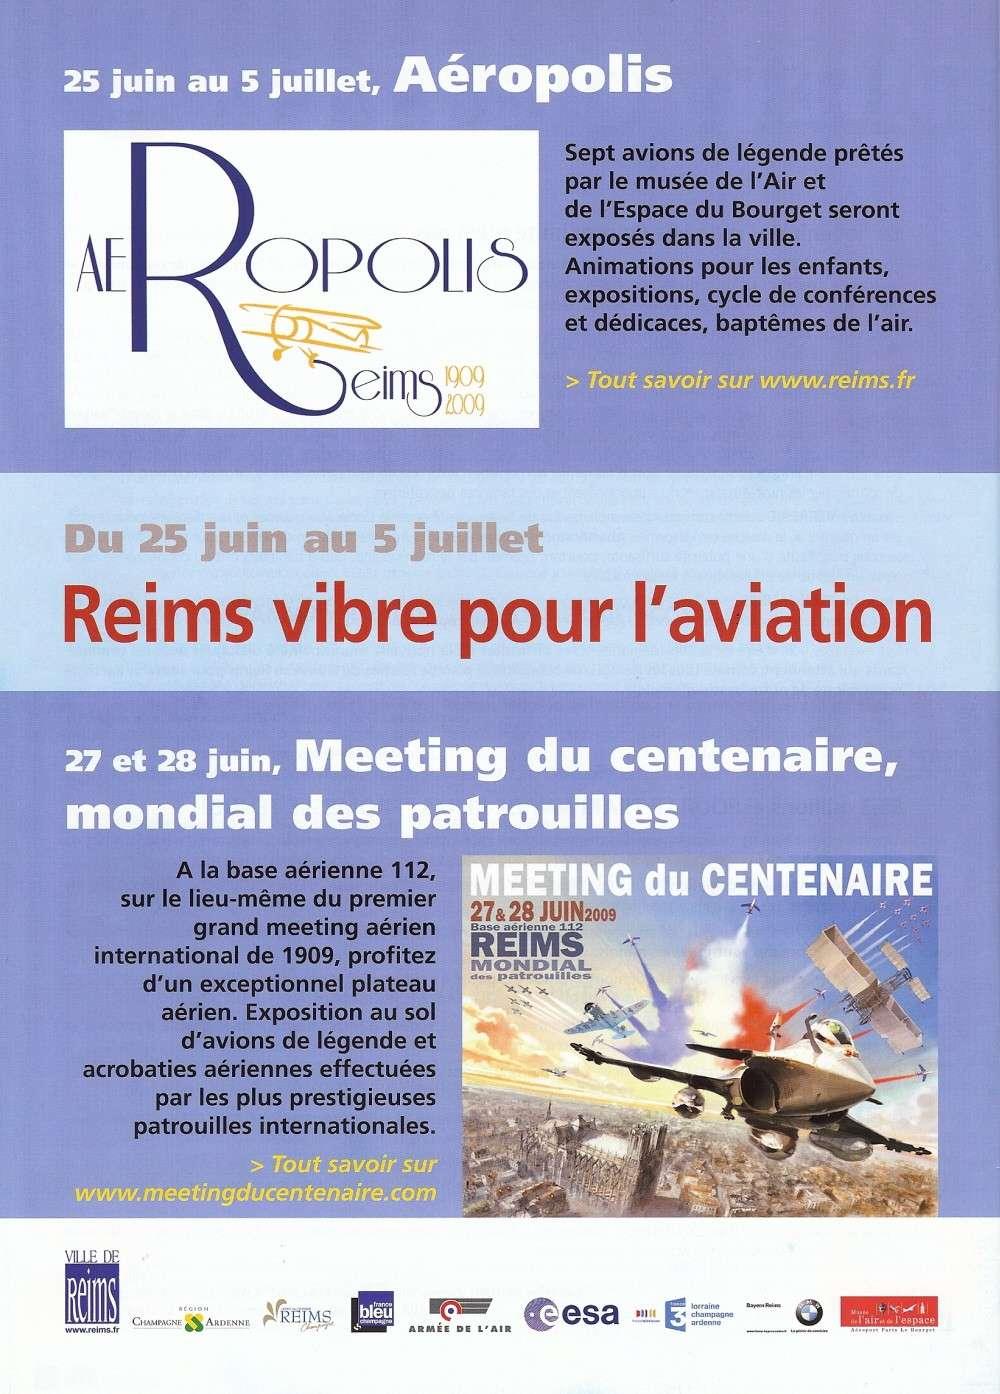 VRI - Ville de REIMS Informations 0510